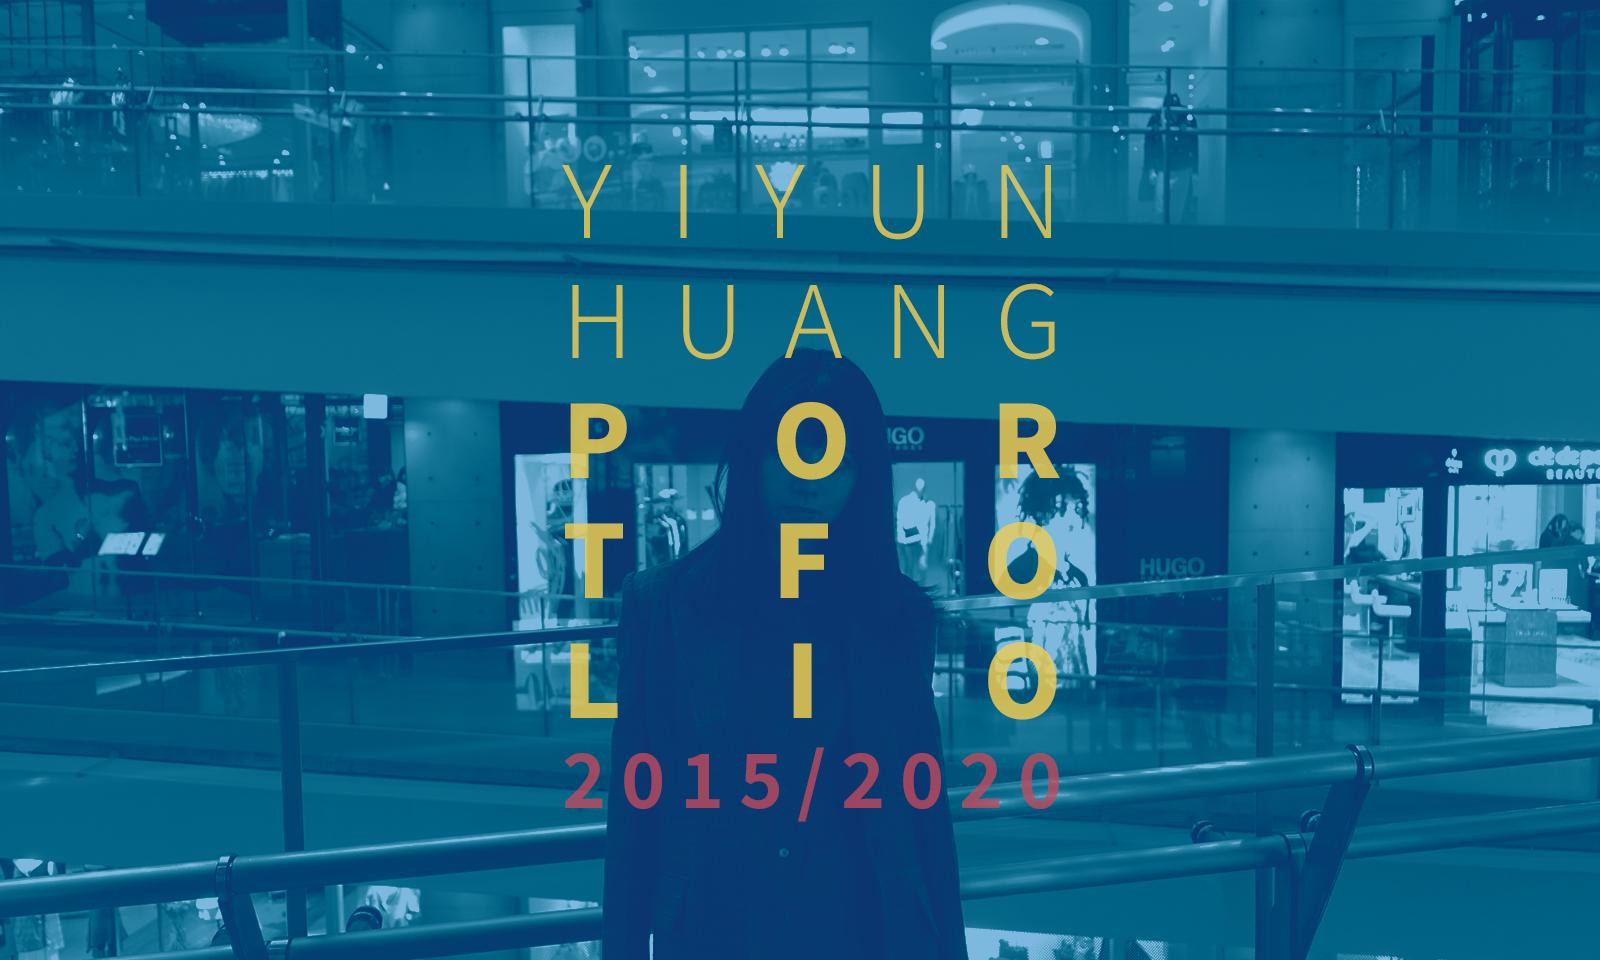 Yiyun Huang Portfolio